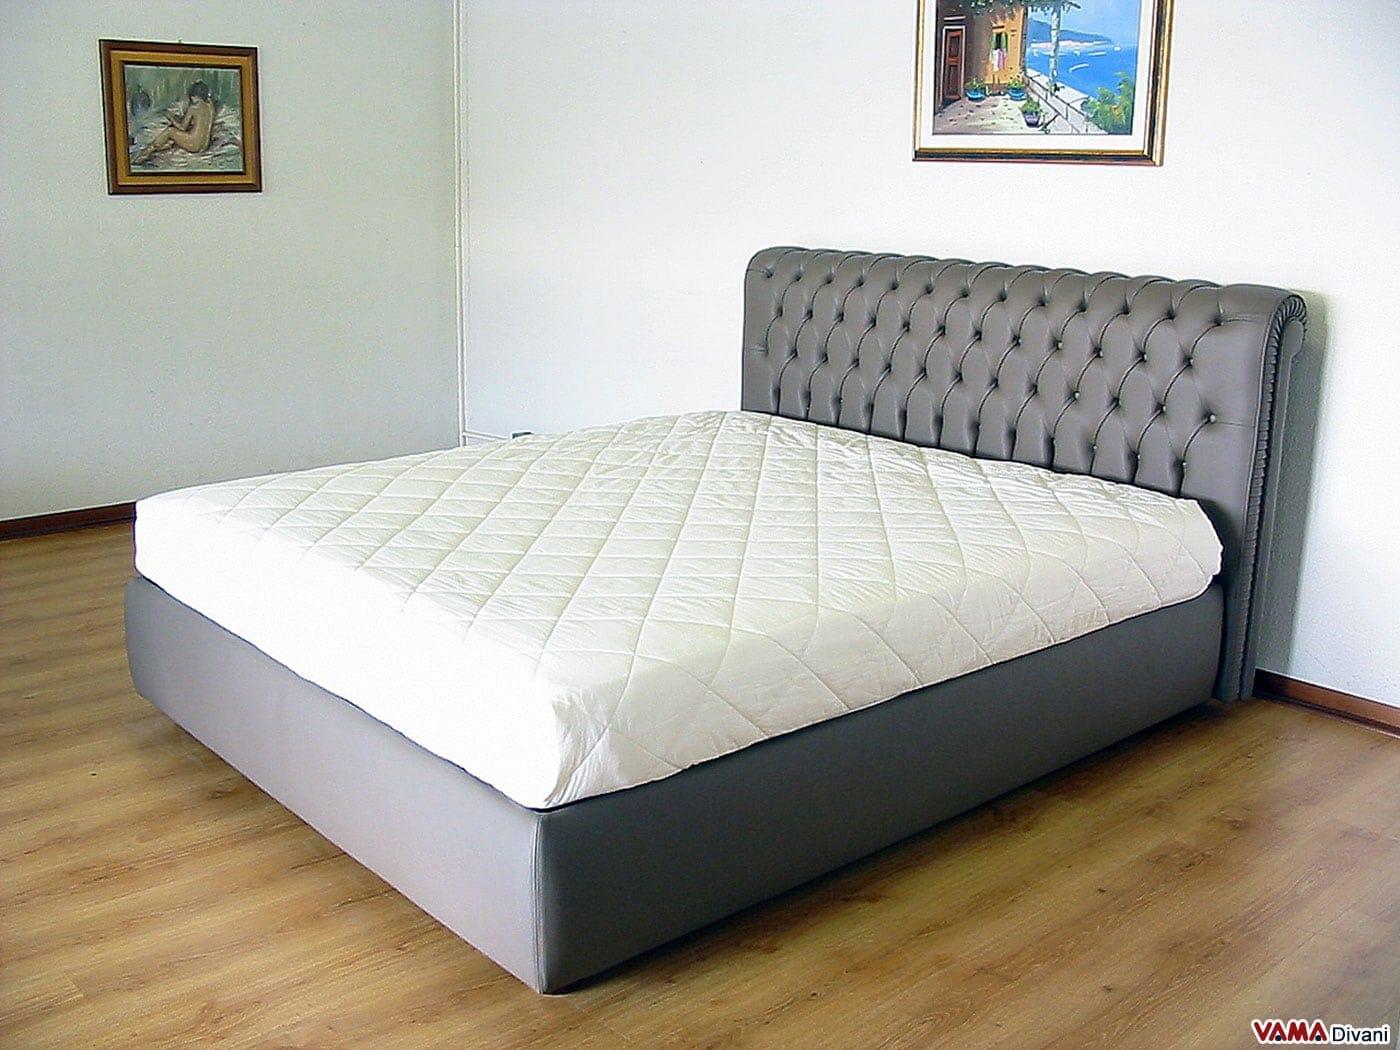 Letto matrimoniale in vera pelle in stile chesterfield - Dove comprare un letto matrimoniale ...